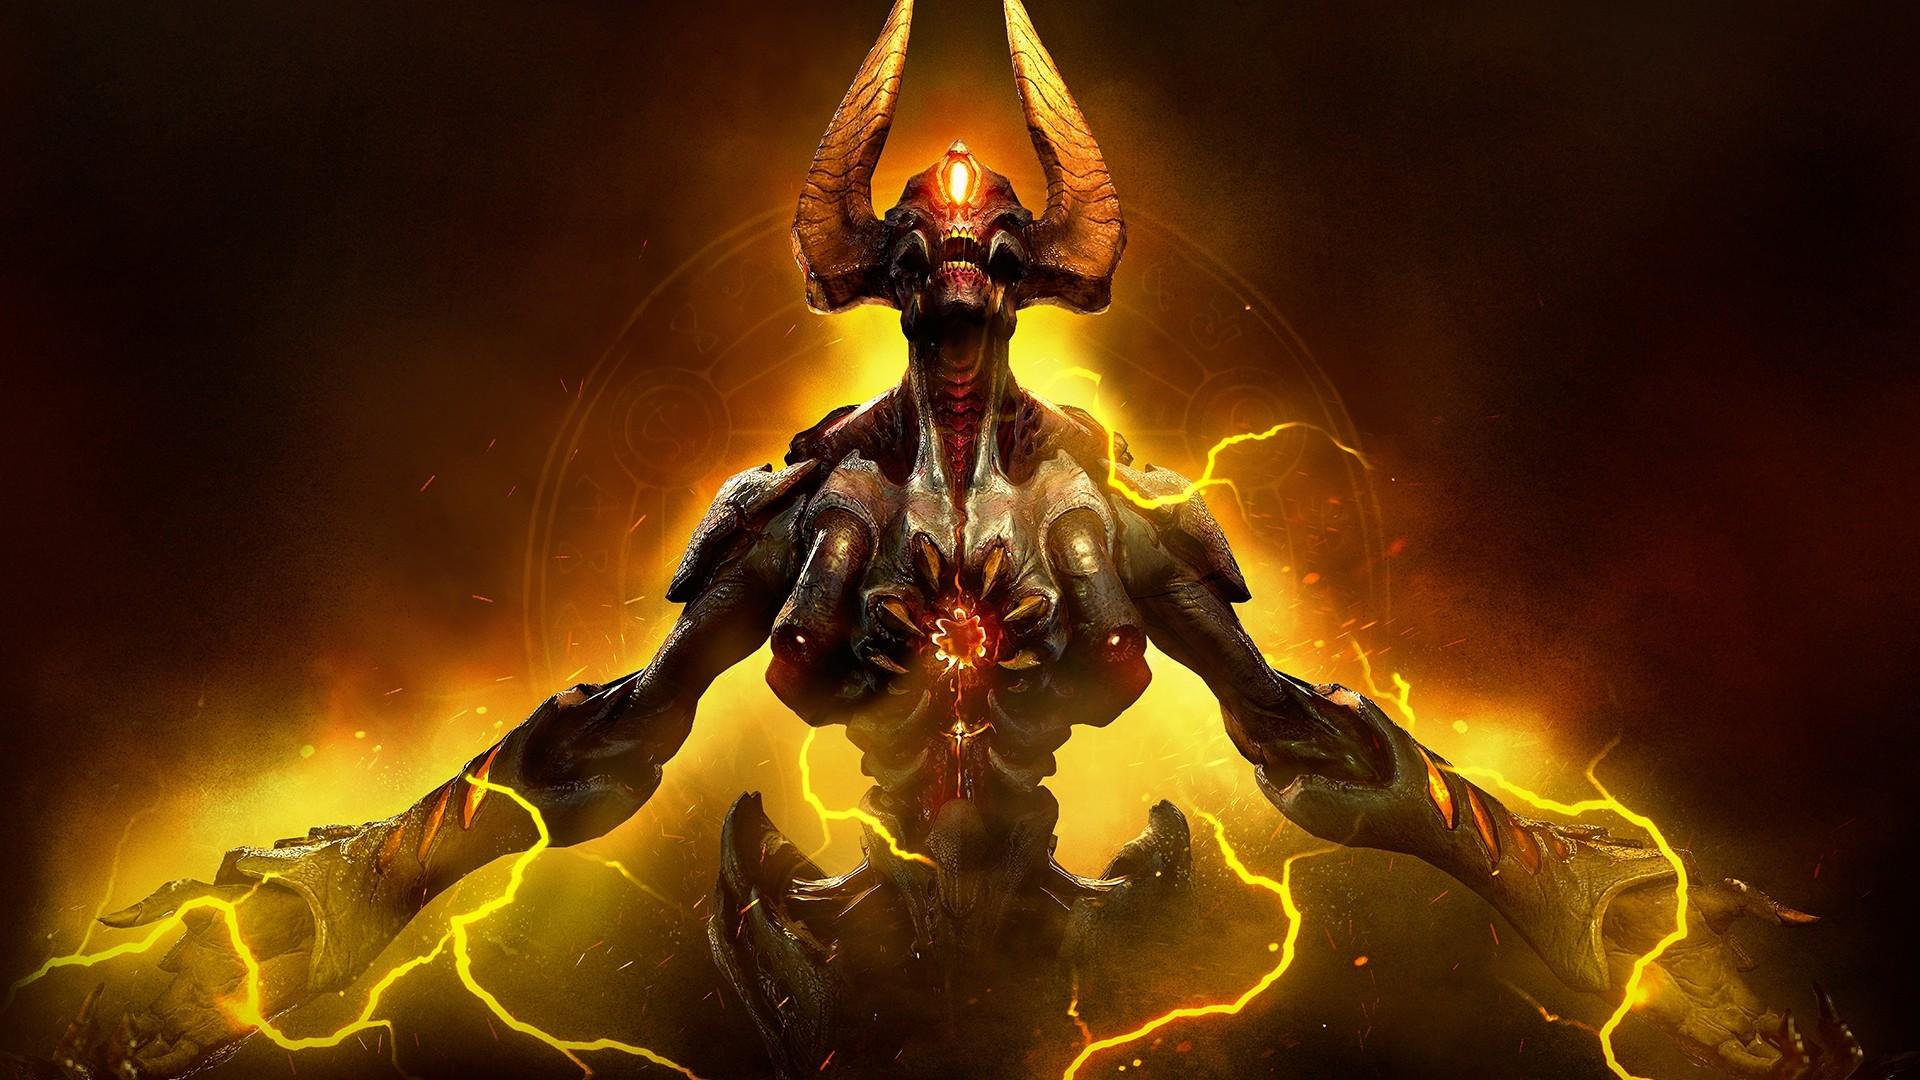 Doom Desktop Wallpaper